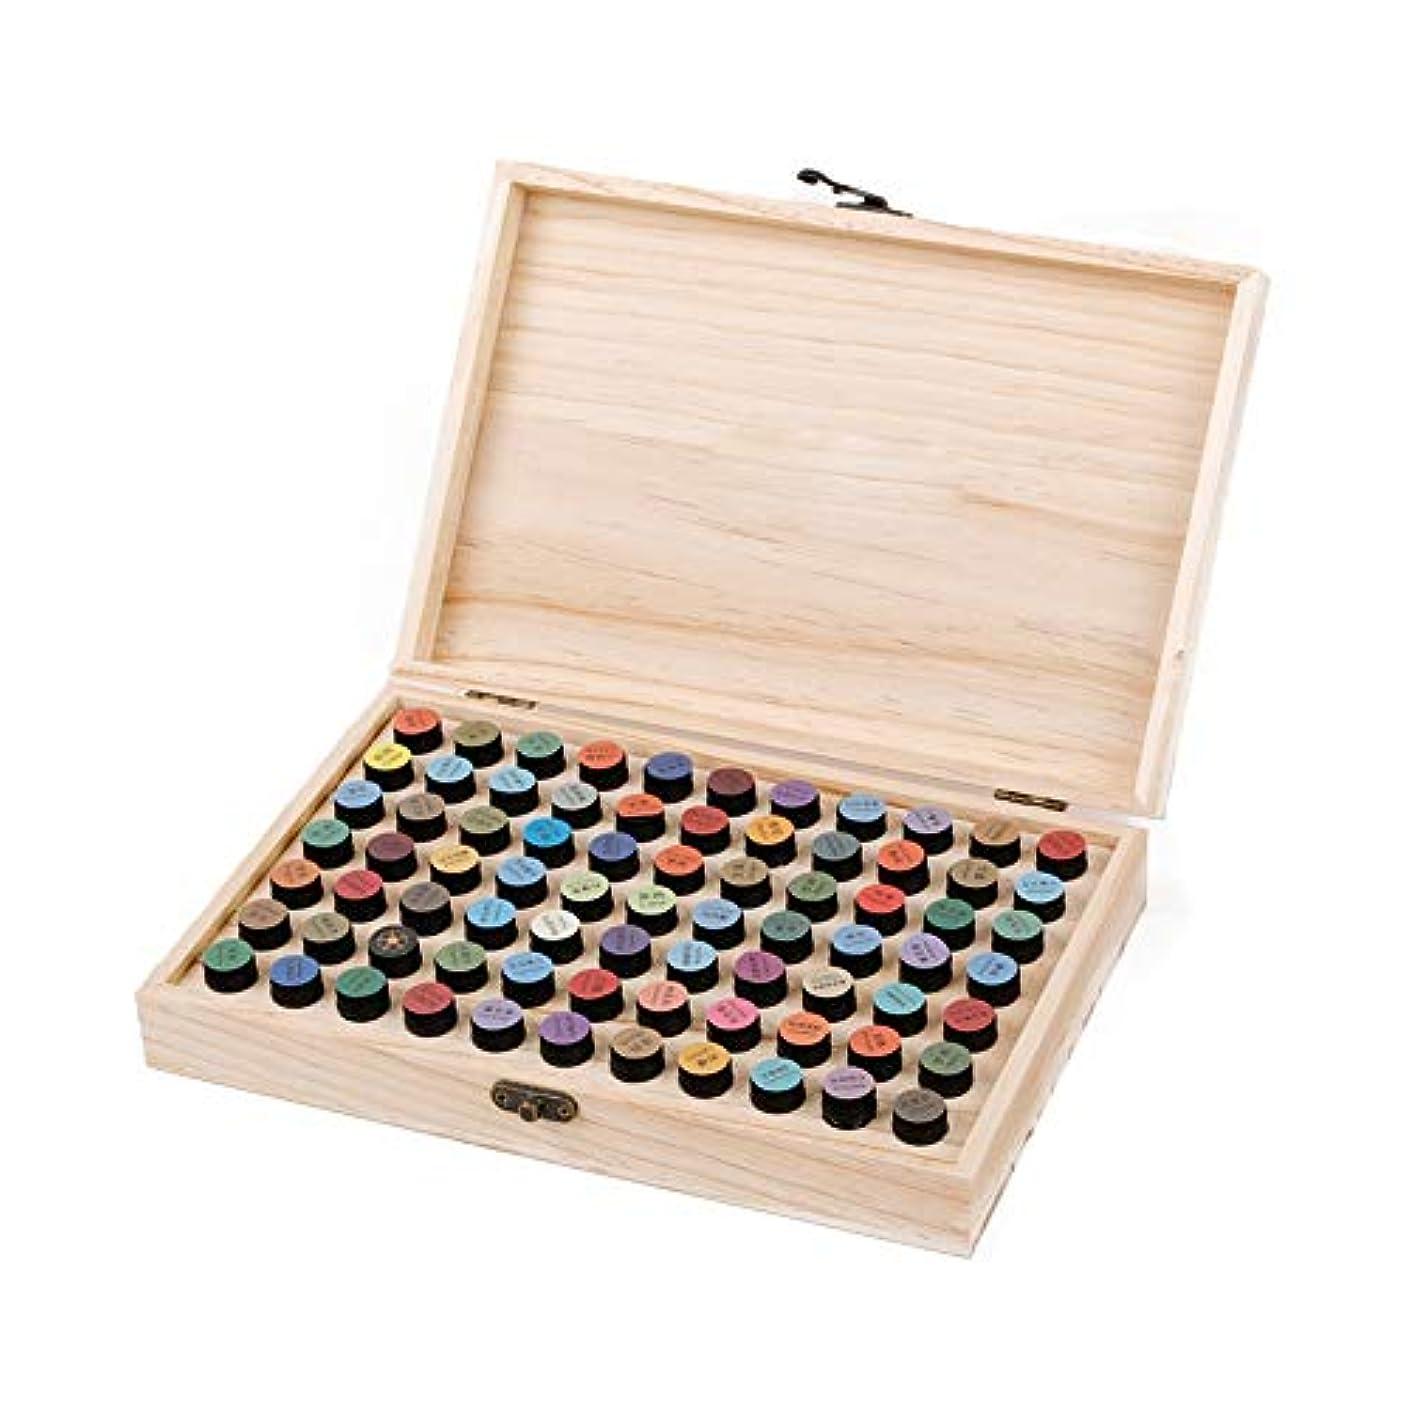 預言者凍結起点エッセンシャルオイル収納ボックス 2ミリリットルのエッセンシャルオイル木製収納ボックスあなたの貴重なエッセンシャルオイルを格納するのに適した77個のスロット 丈夫で持ち運びが簡単 (色 : Natural, サイズ :...